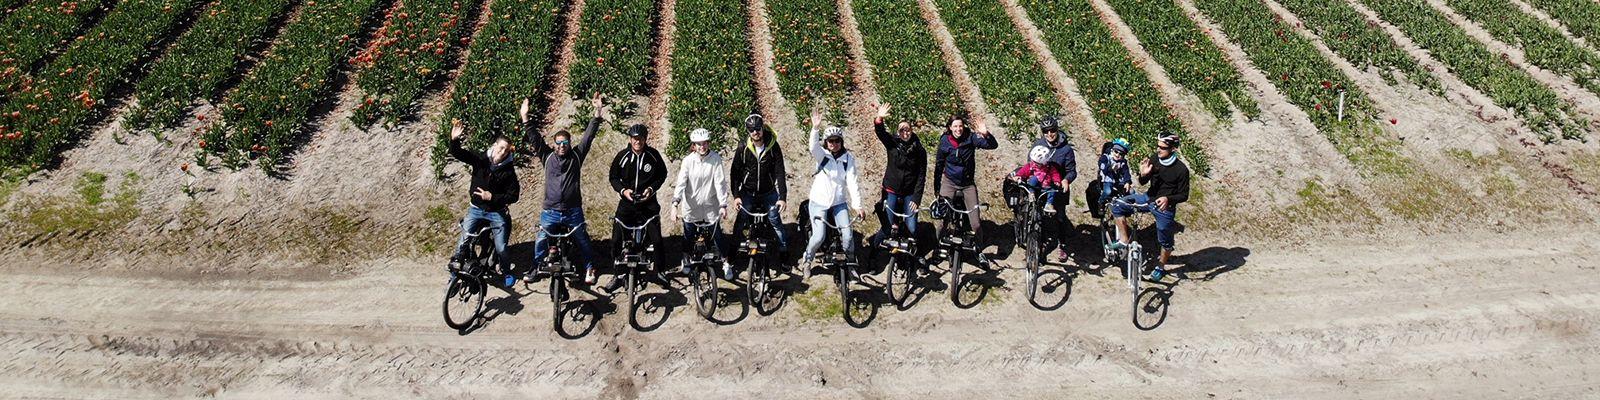 """<img src=""""image.png"""" alt=""""Voor een ideaal uitje kan men op Texel een Solex, Scooter, E-Bike, E-Chopper huren"""">"""